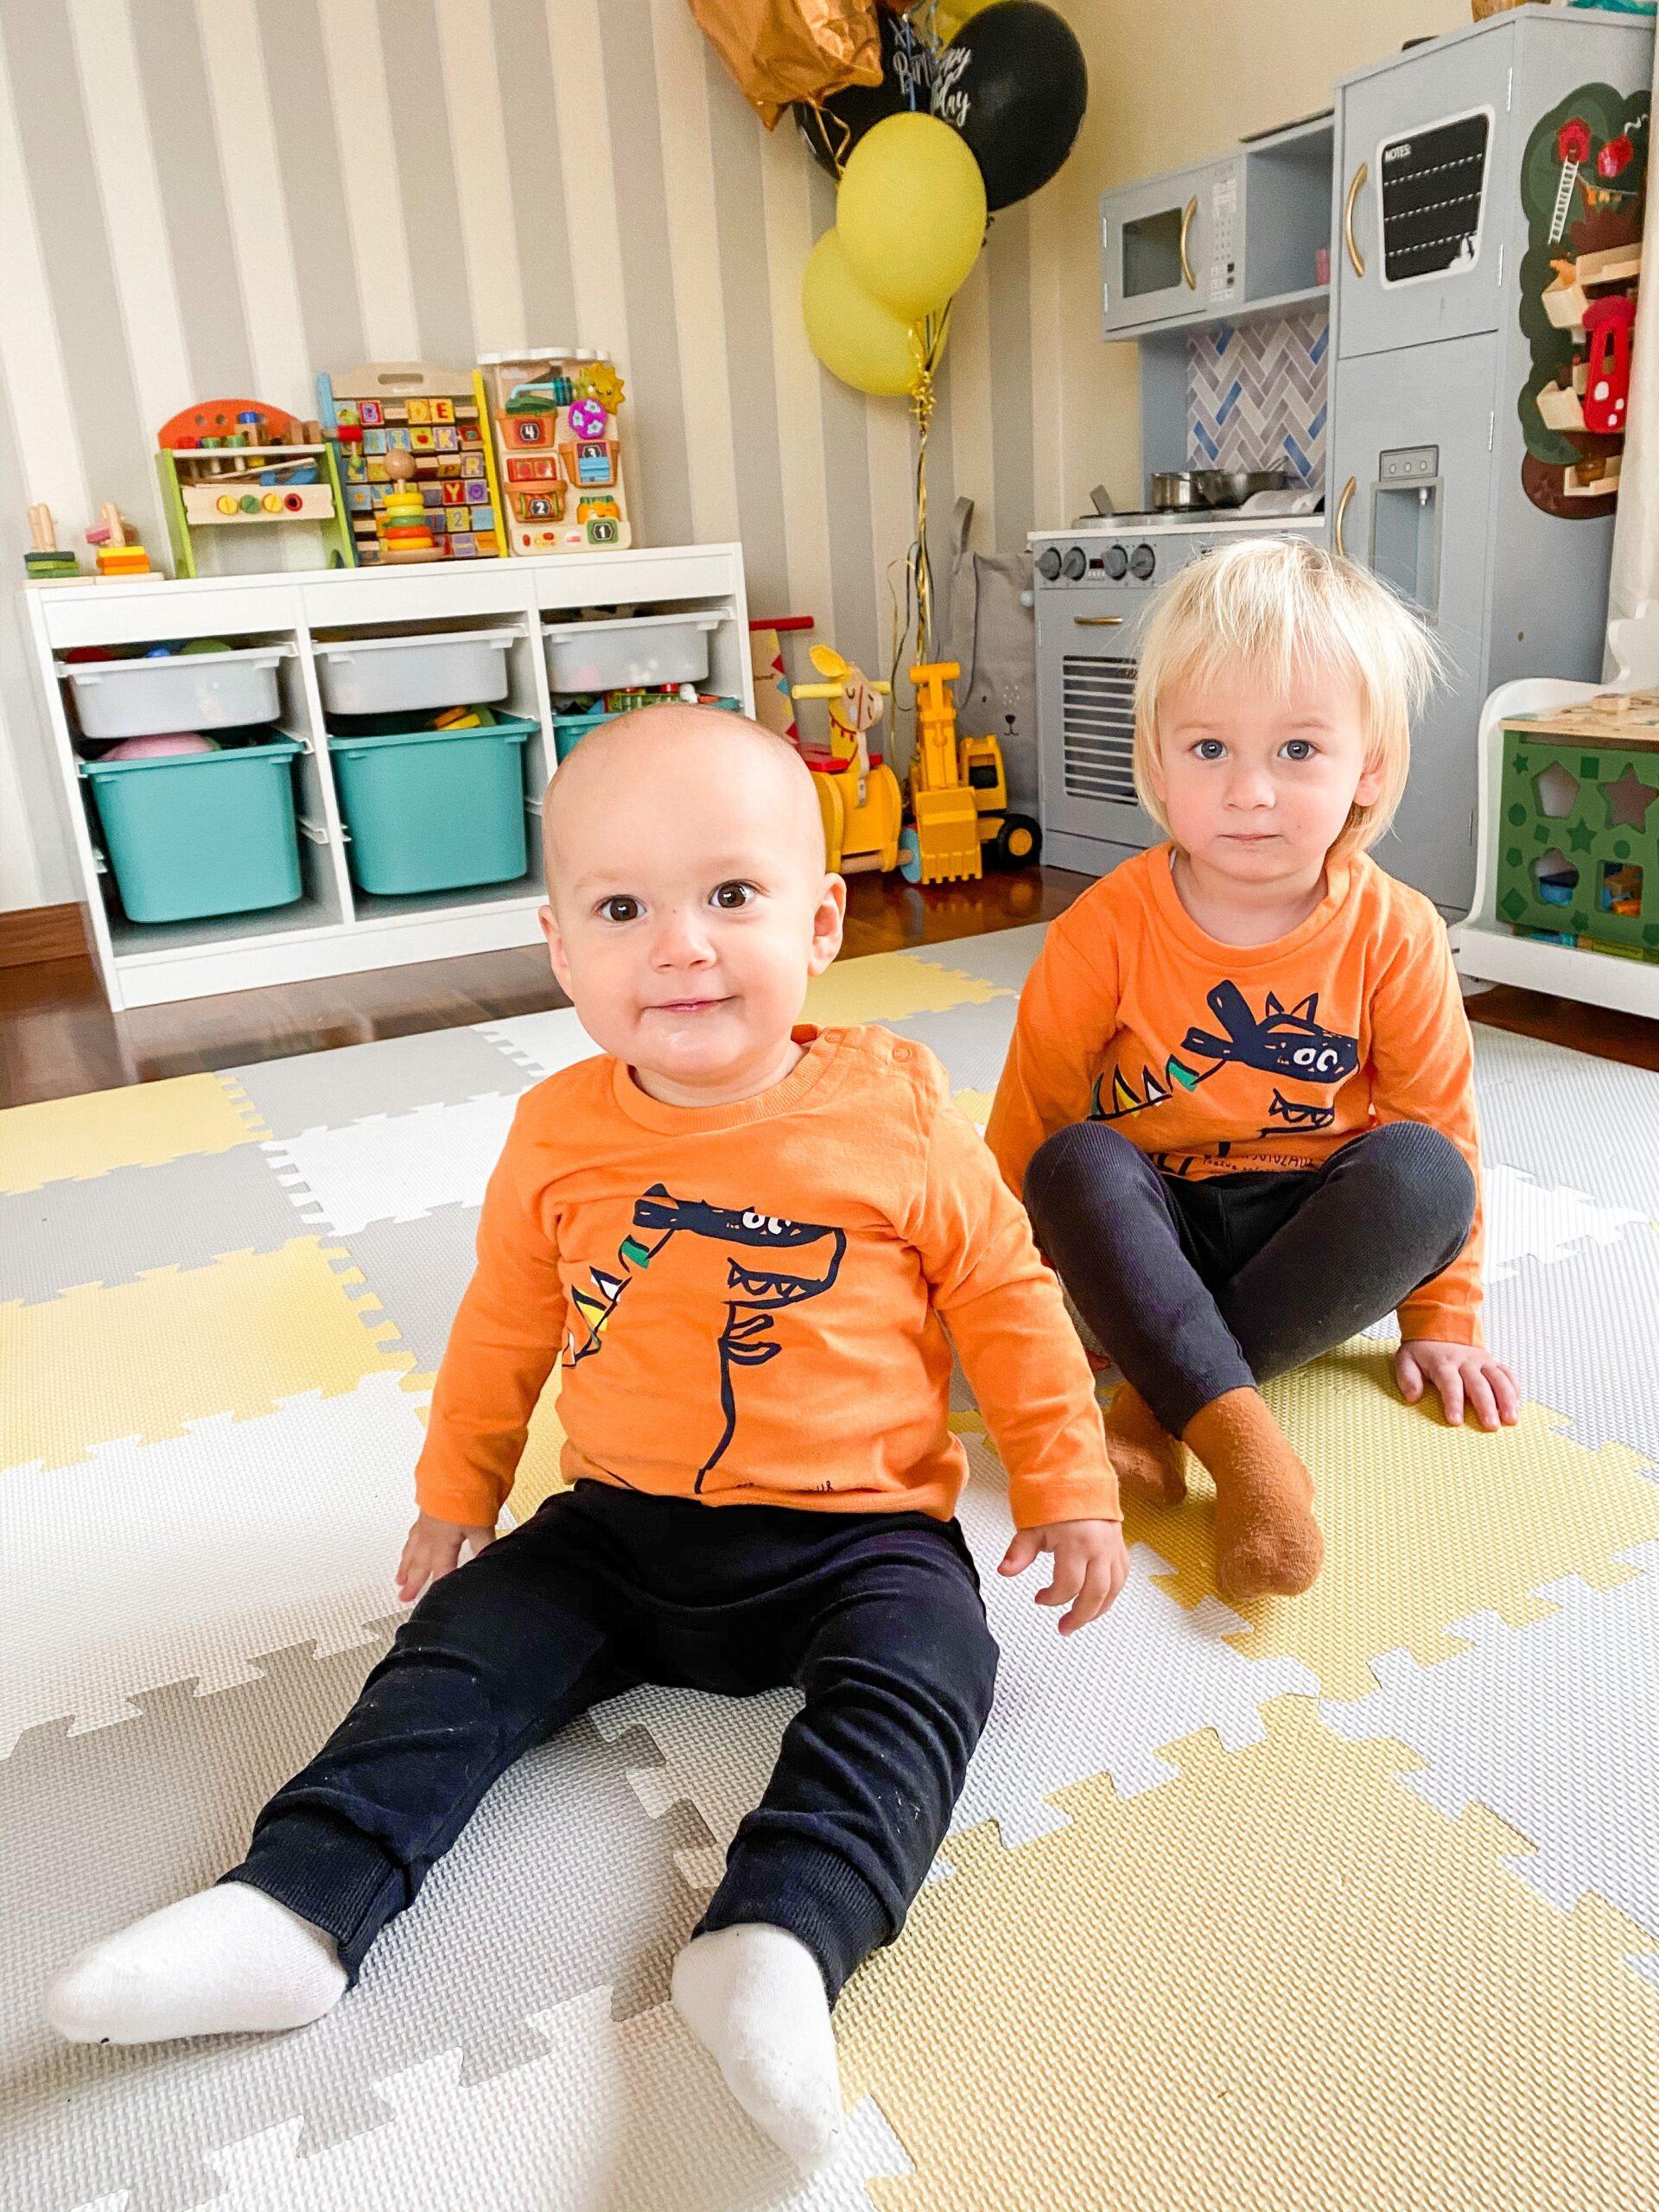 Dwaj mali chłopcy ubrani w takie same pomarańczowe koszulki.